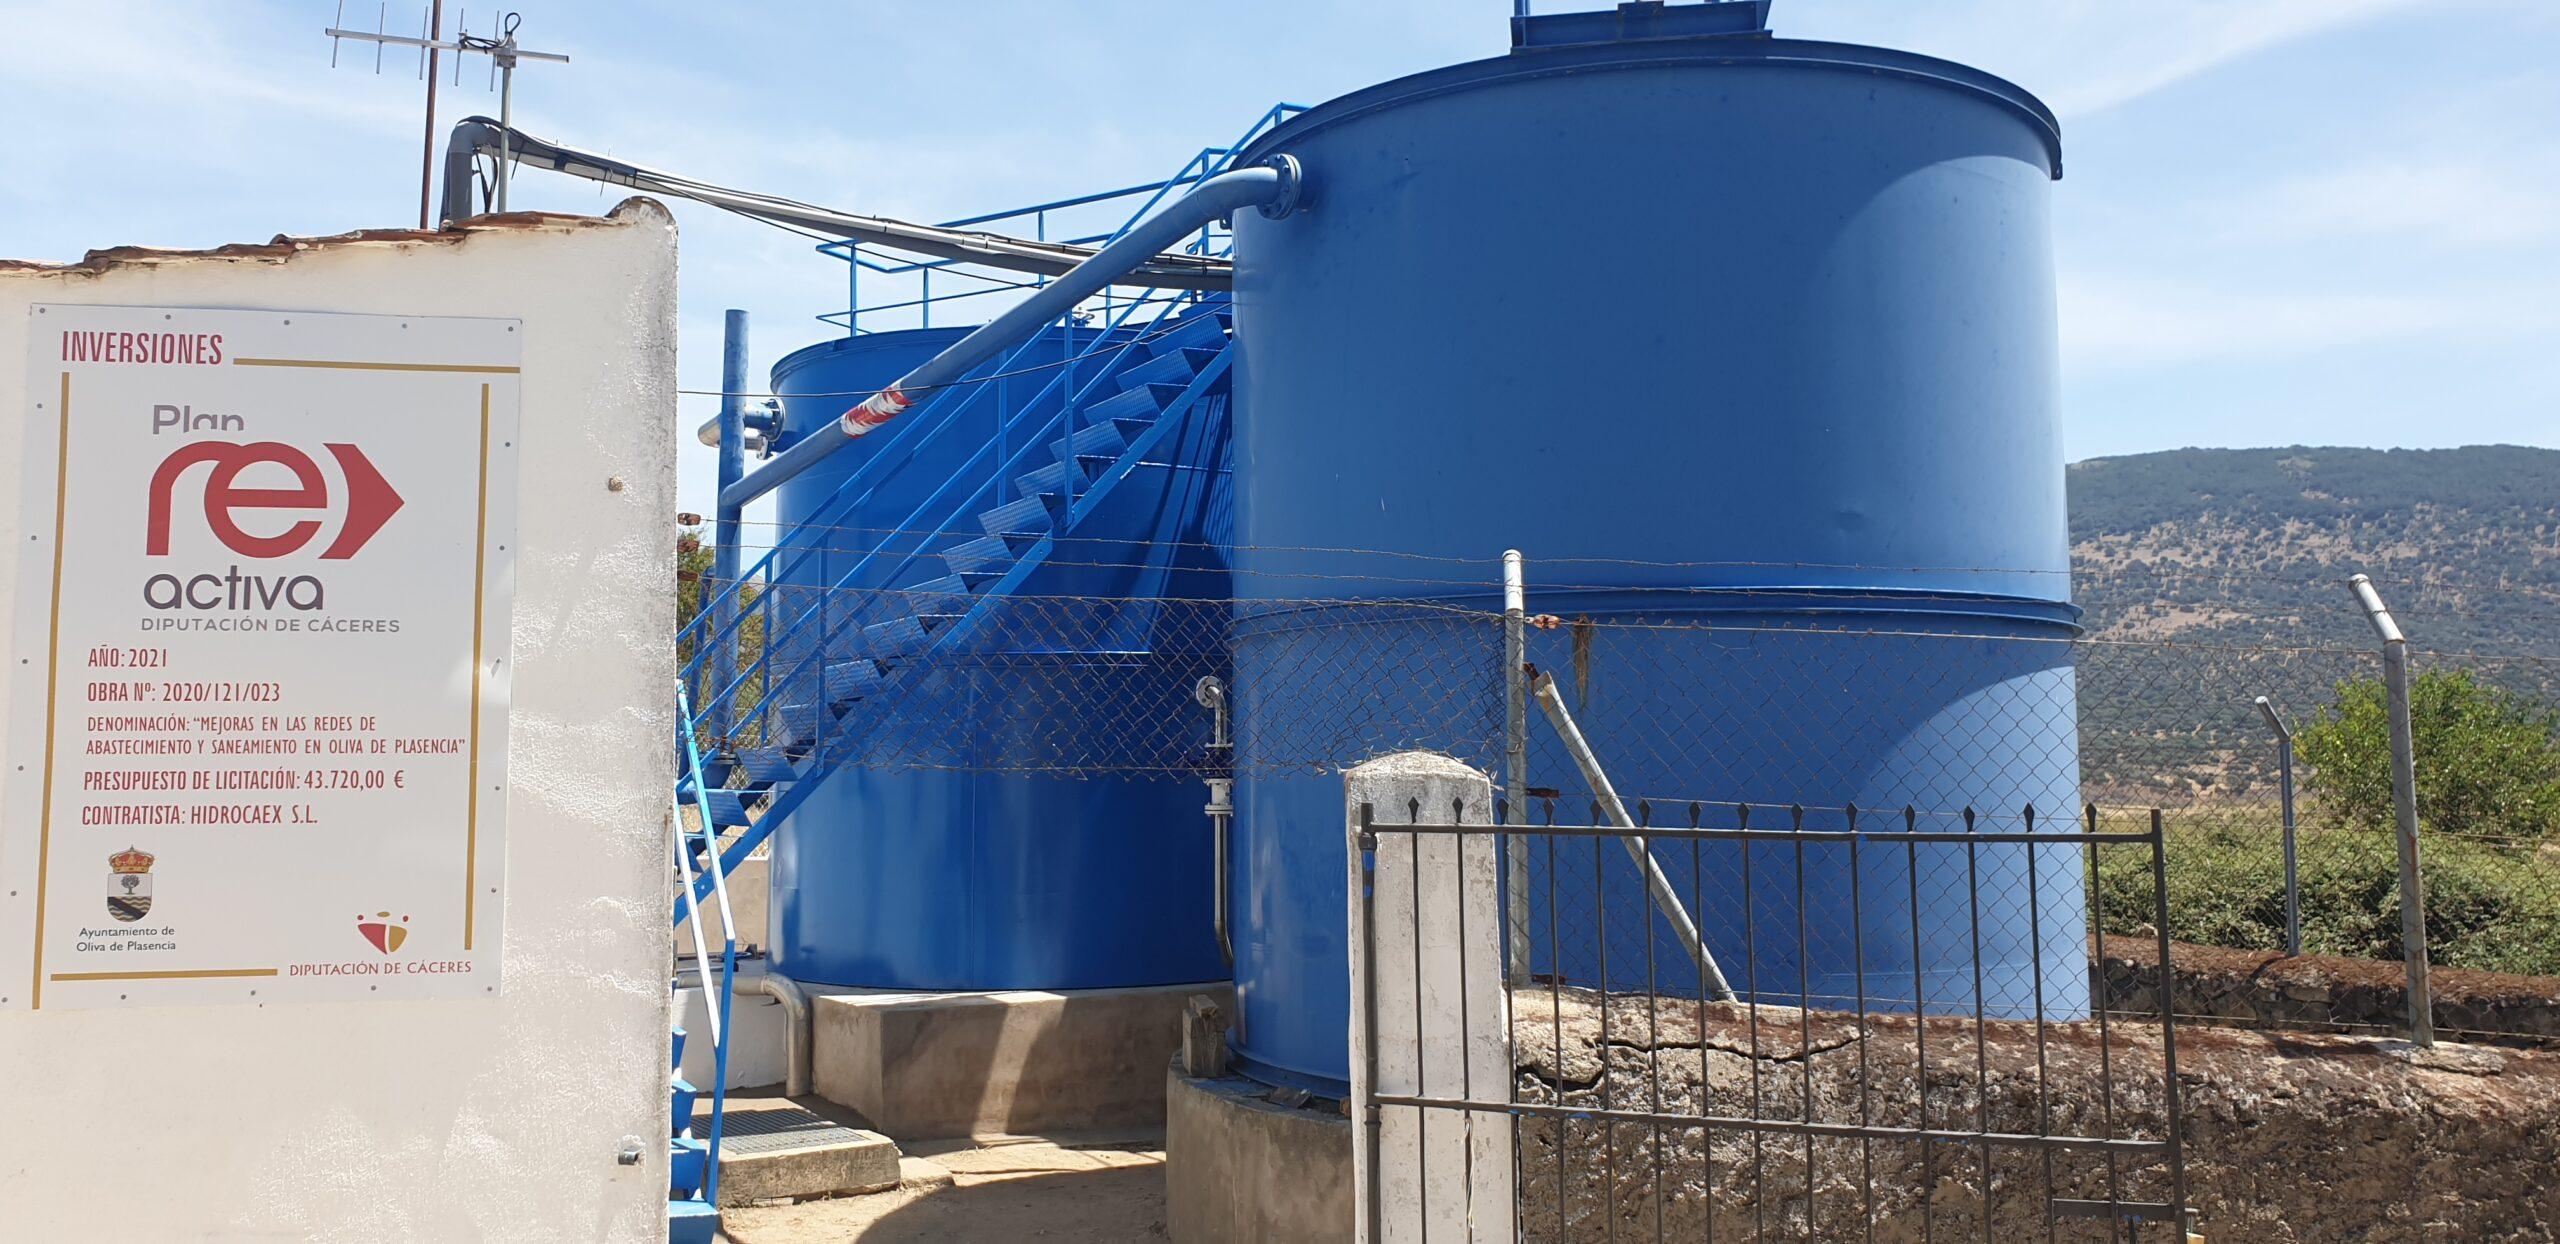 Finalizadas las obras en la Estación de Agua Potable de Oliva de Plasencia para mejorar su funcionamiento